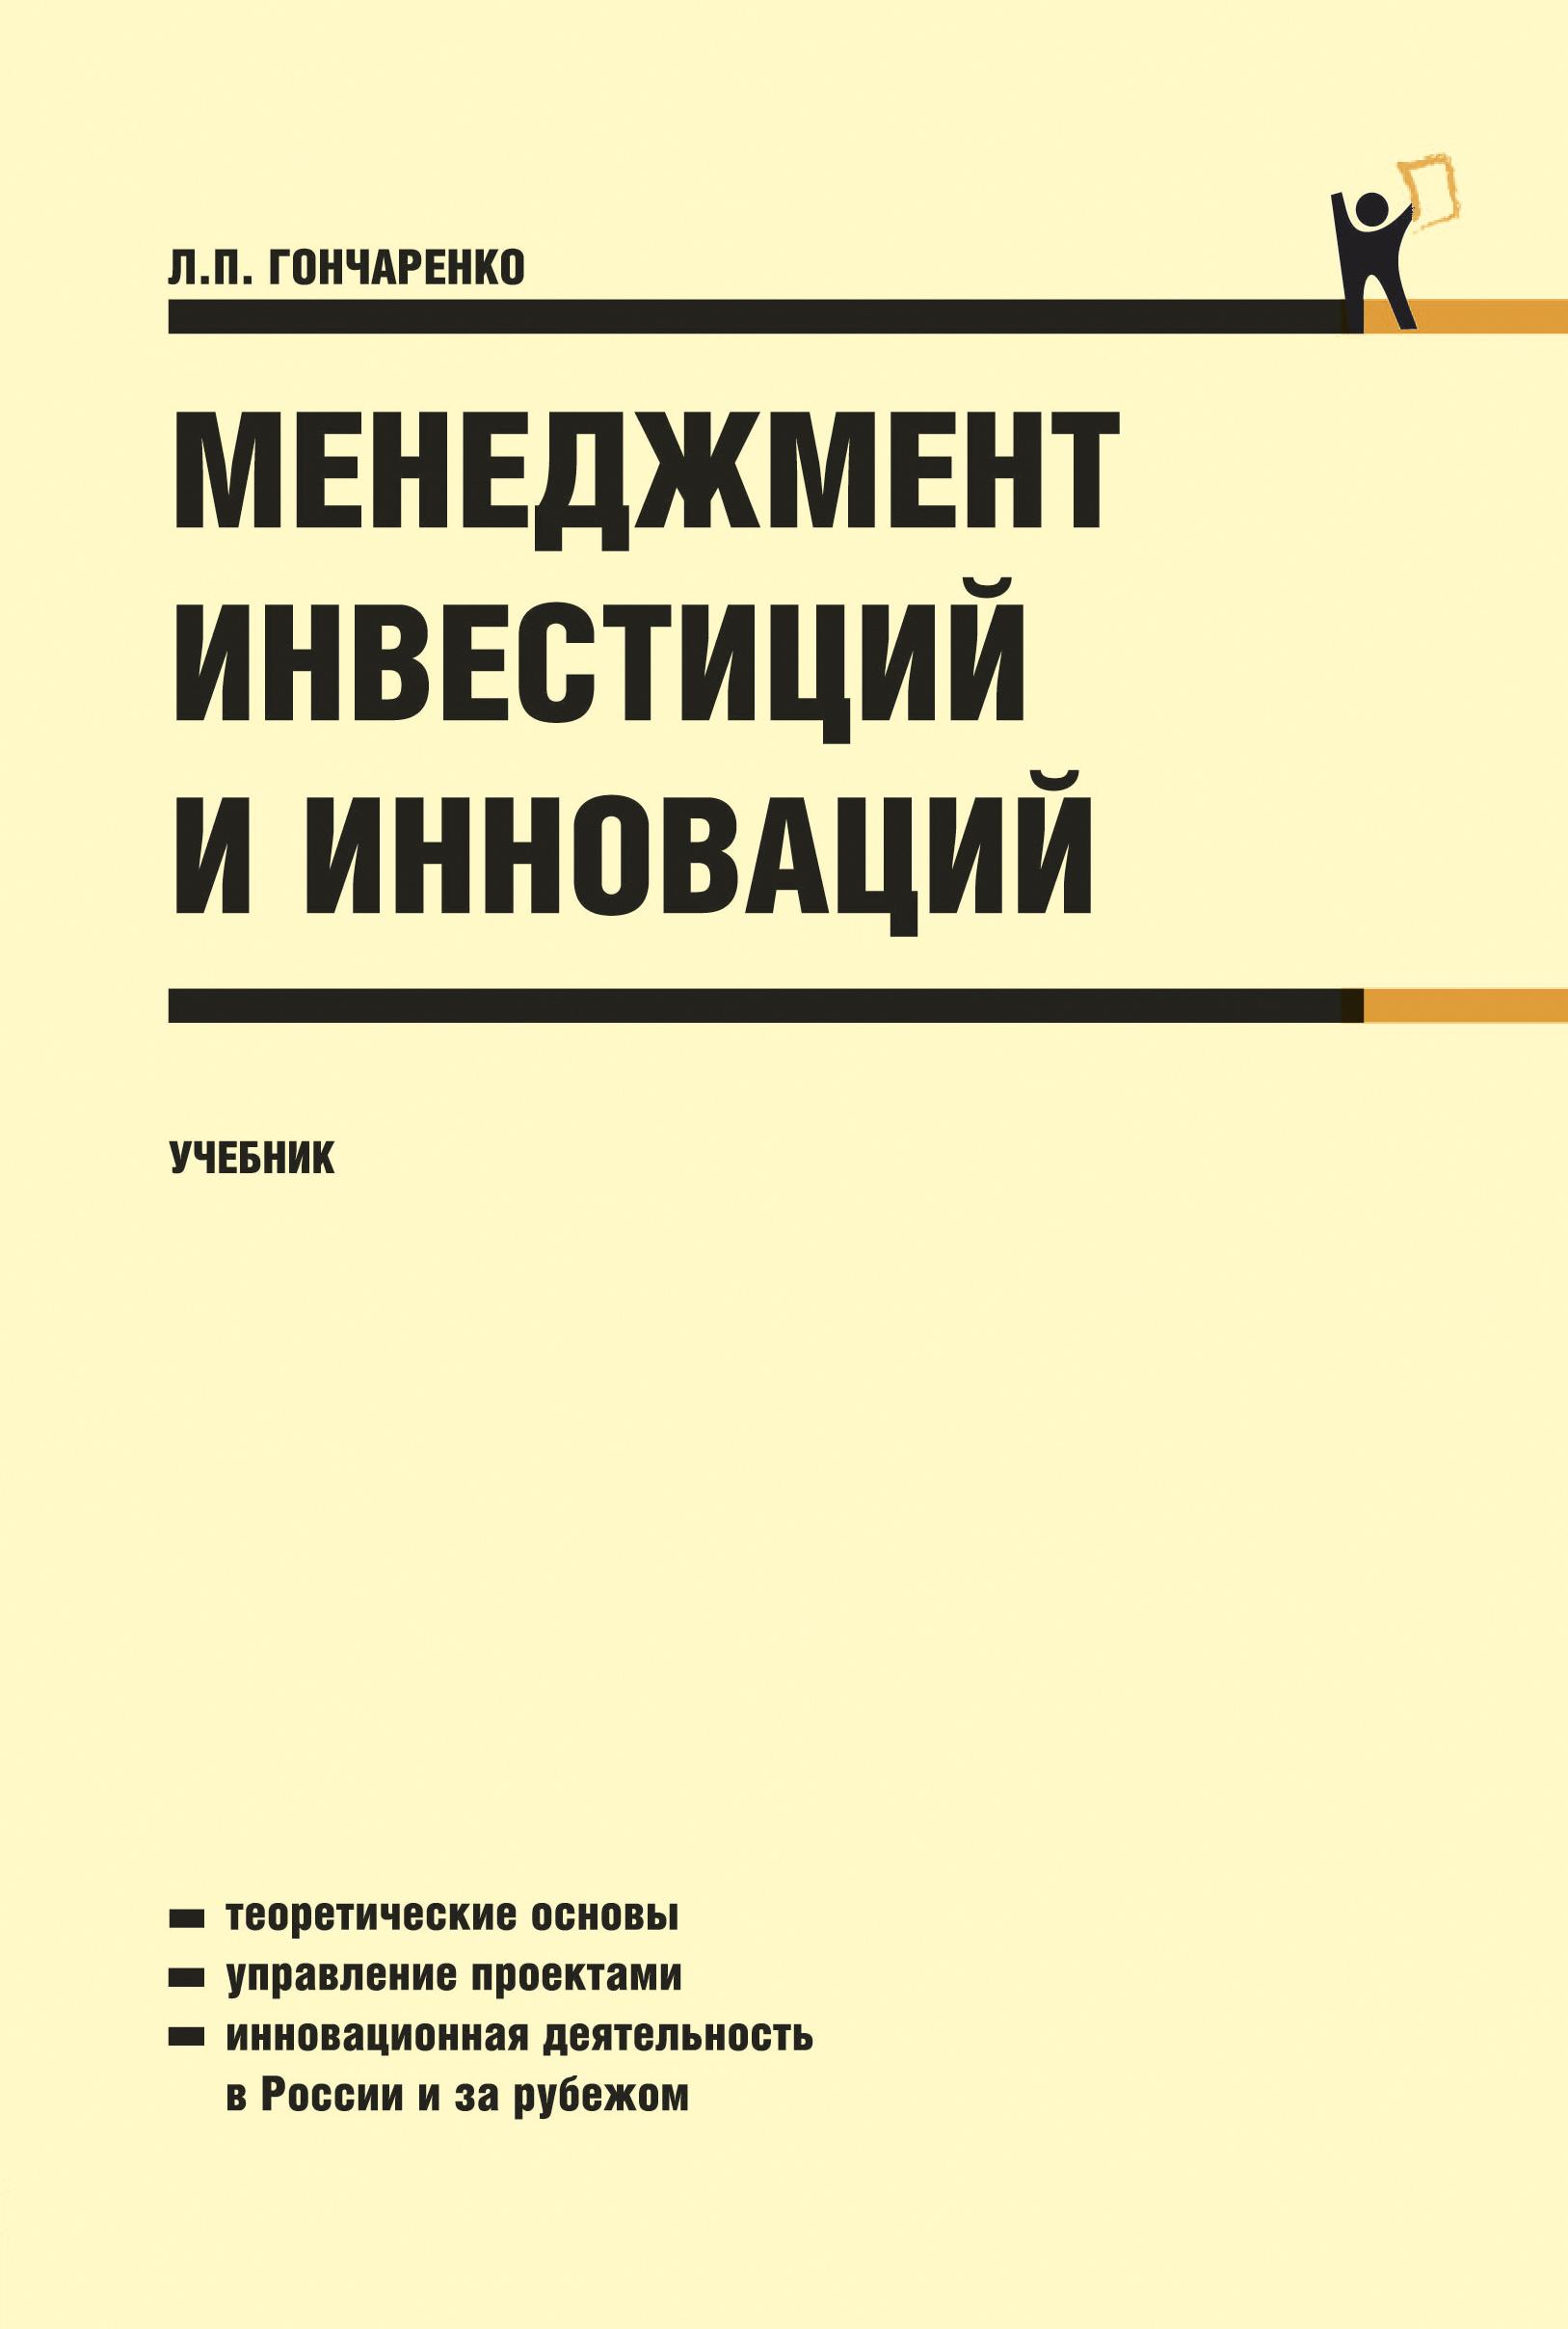 Людмила Петровна Гончаренко Менеджмент инвестиций и инноваций качалина людмила конкурентоспособный менеджмент